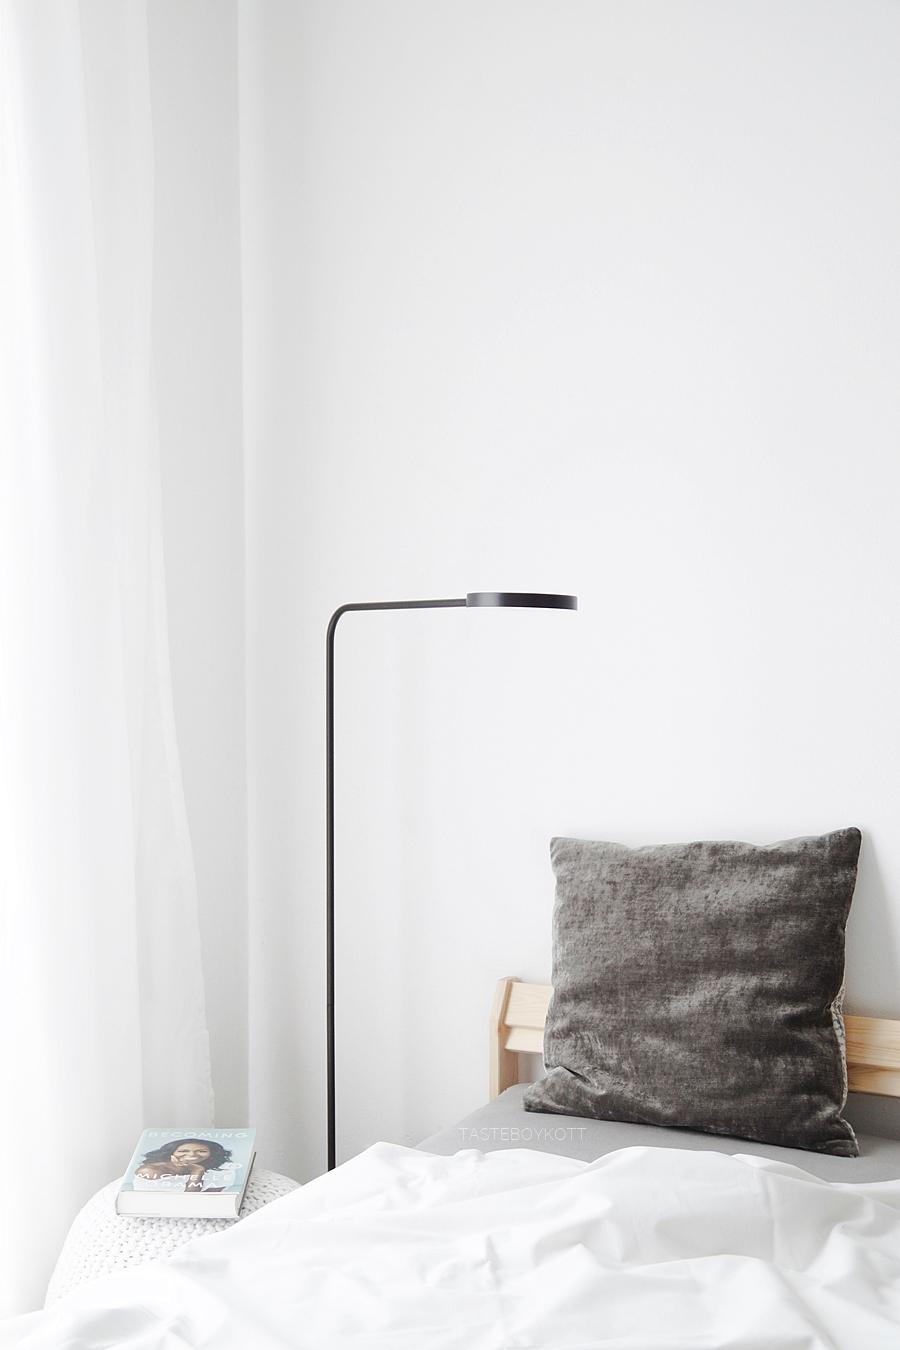 Schlafzimmer modern skandinavisch einrichten in schwarz-weiß-grau mit Ikea Holzbett und minimalistischer Stehleuchte